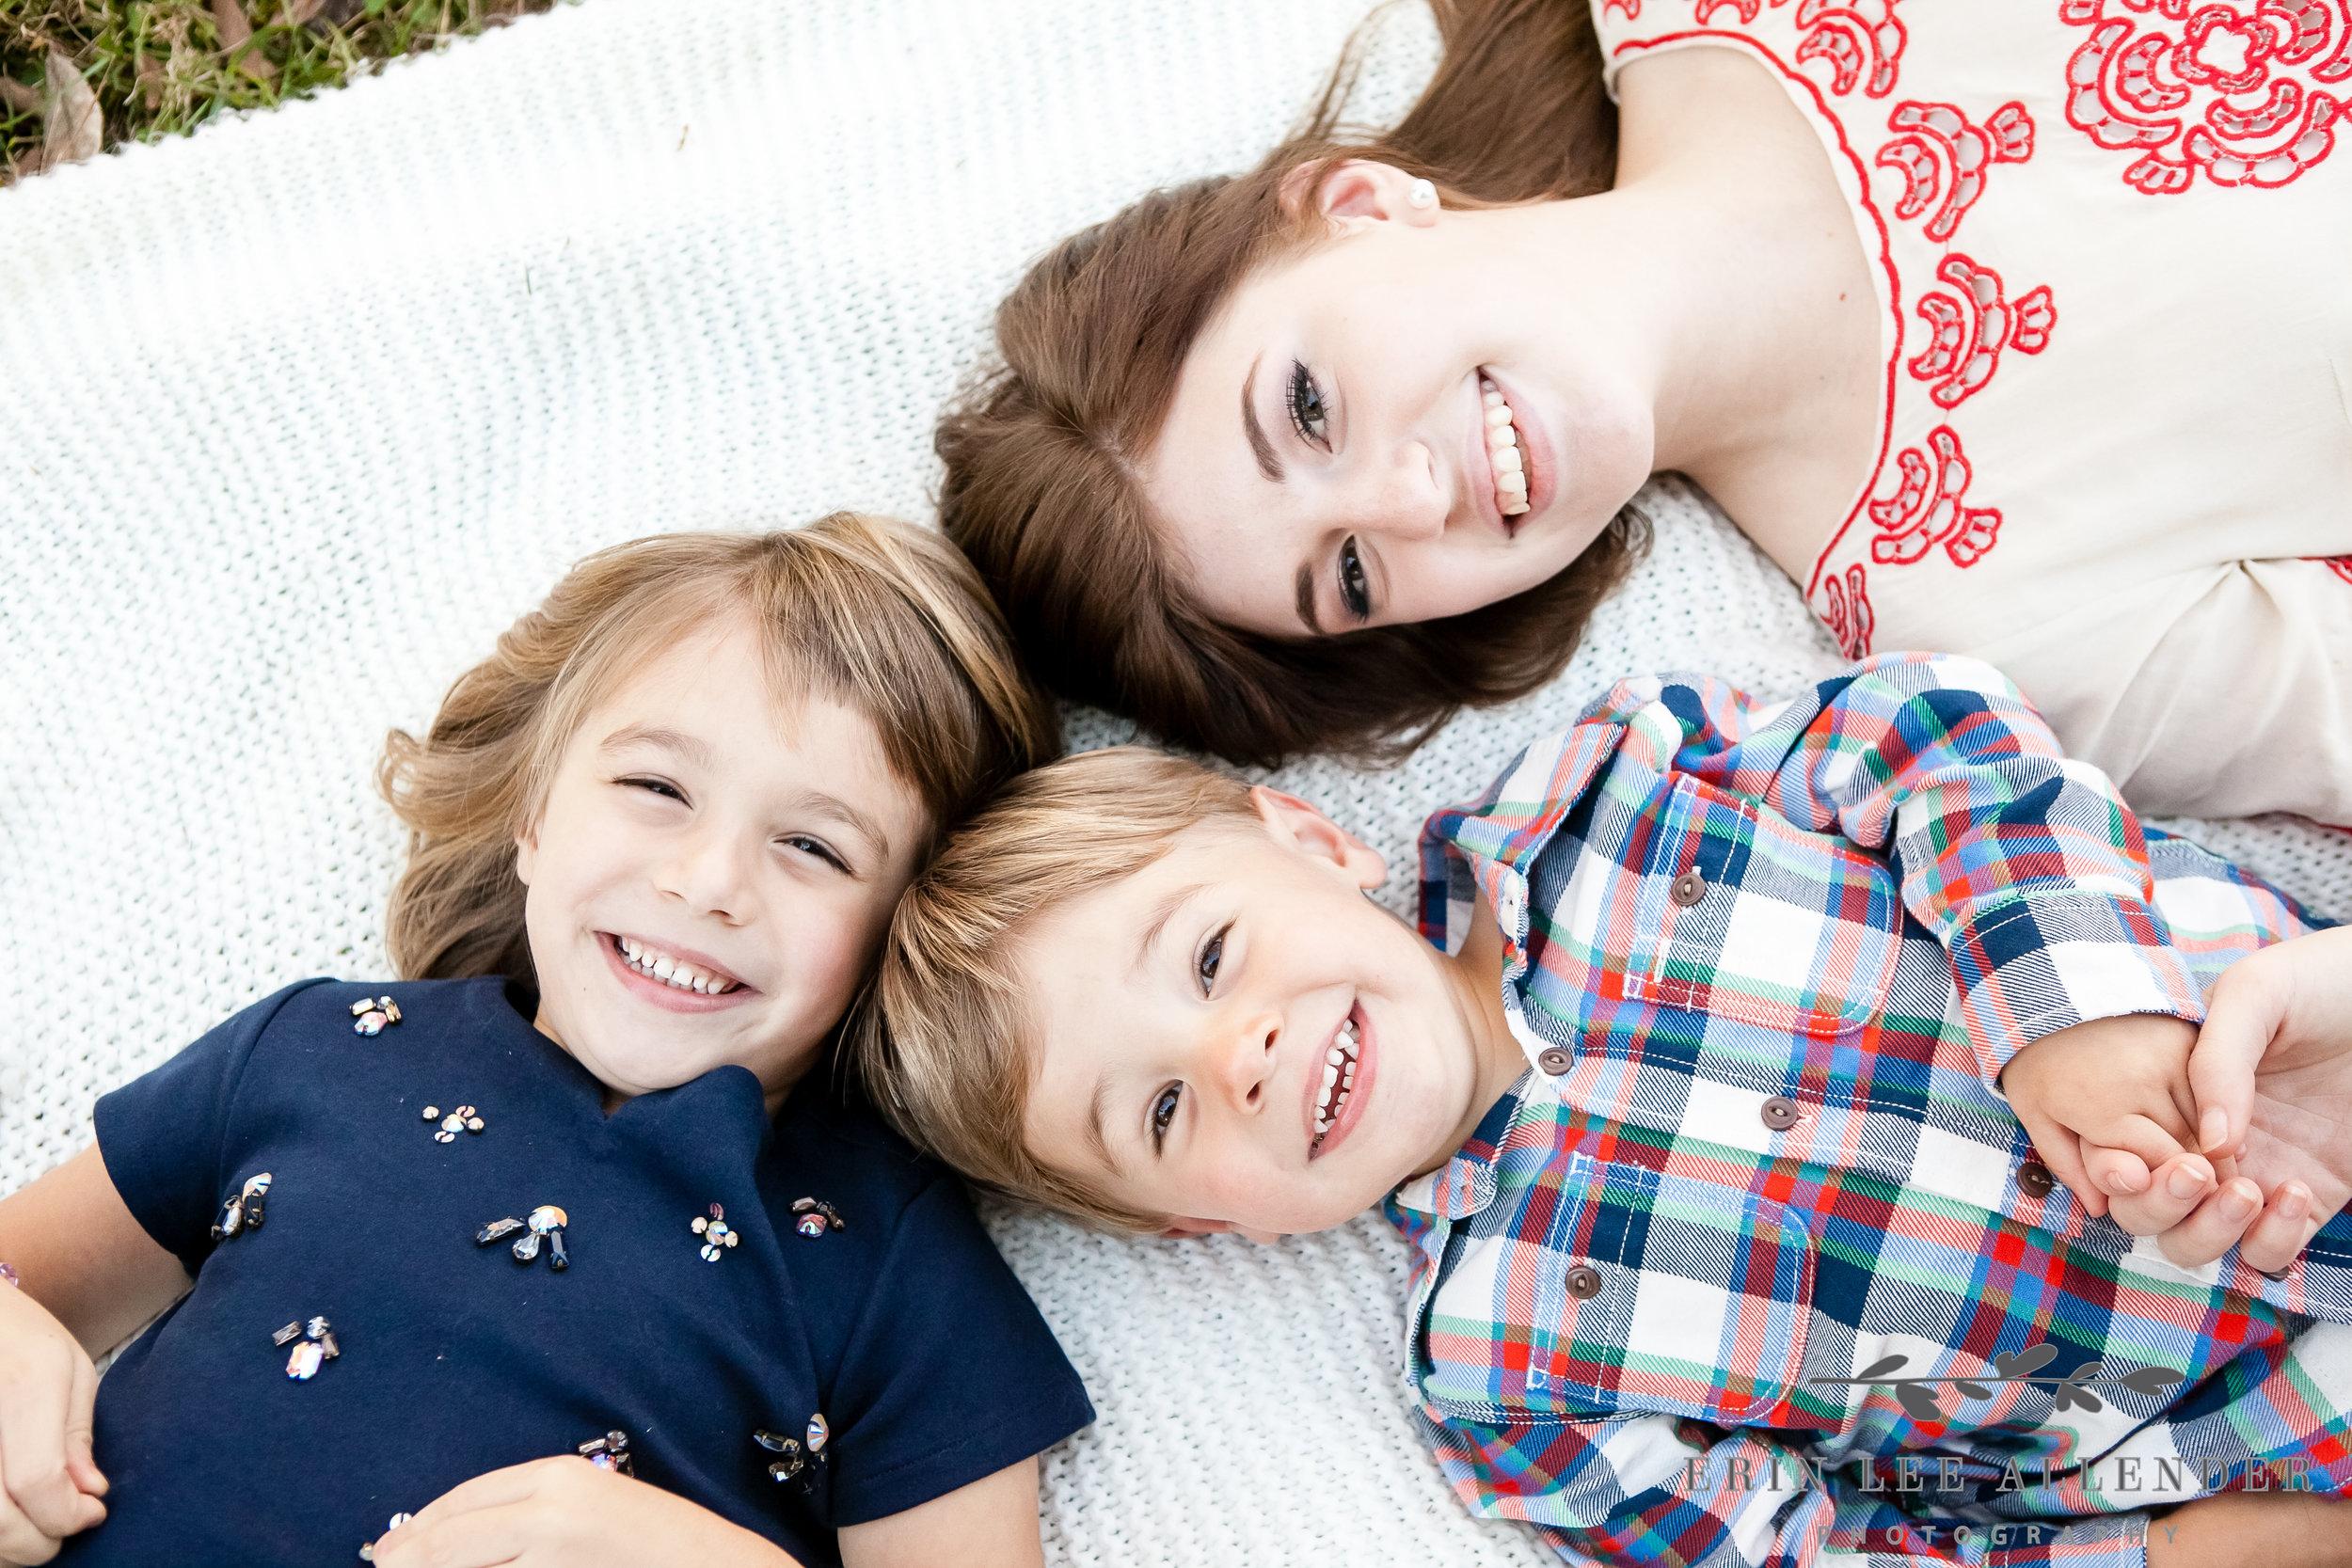 Children_Giggling_On_Blanket